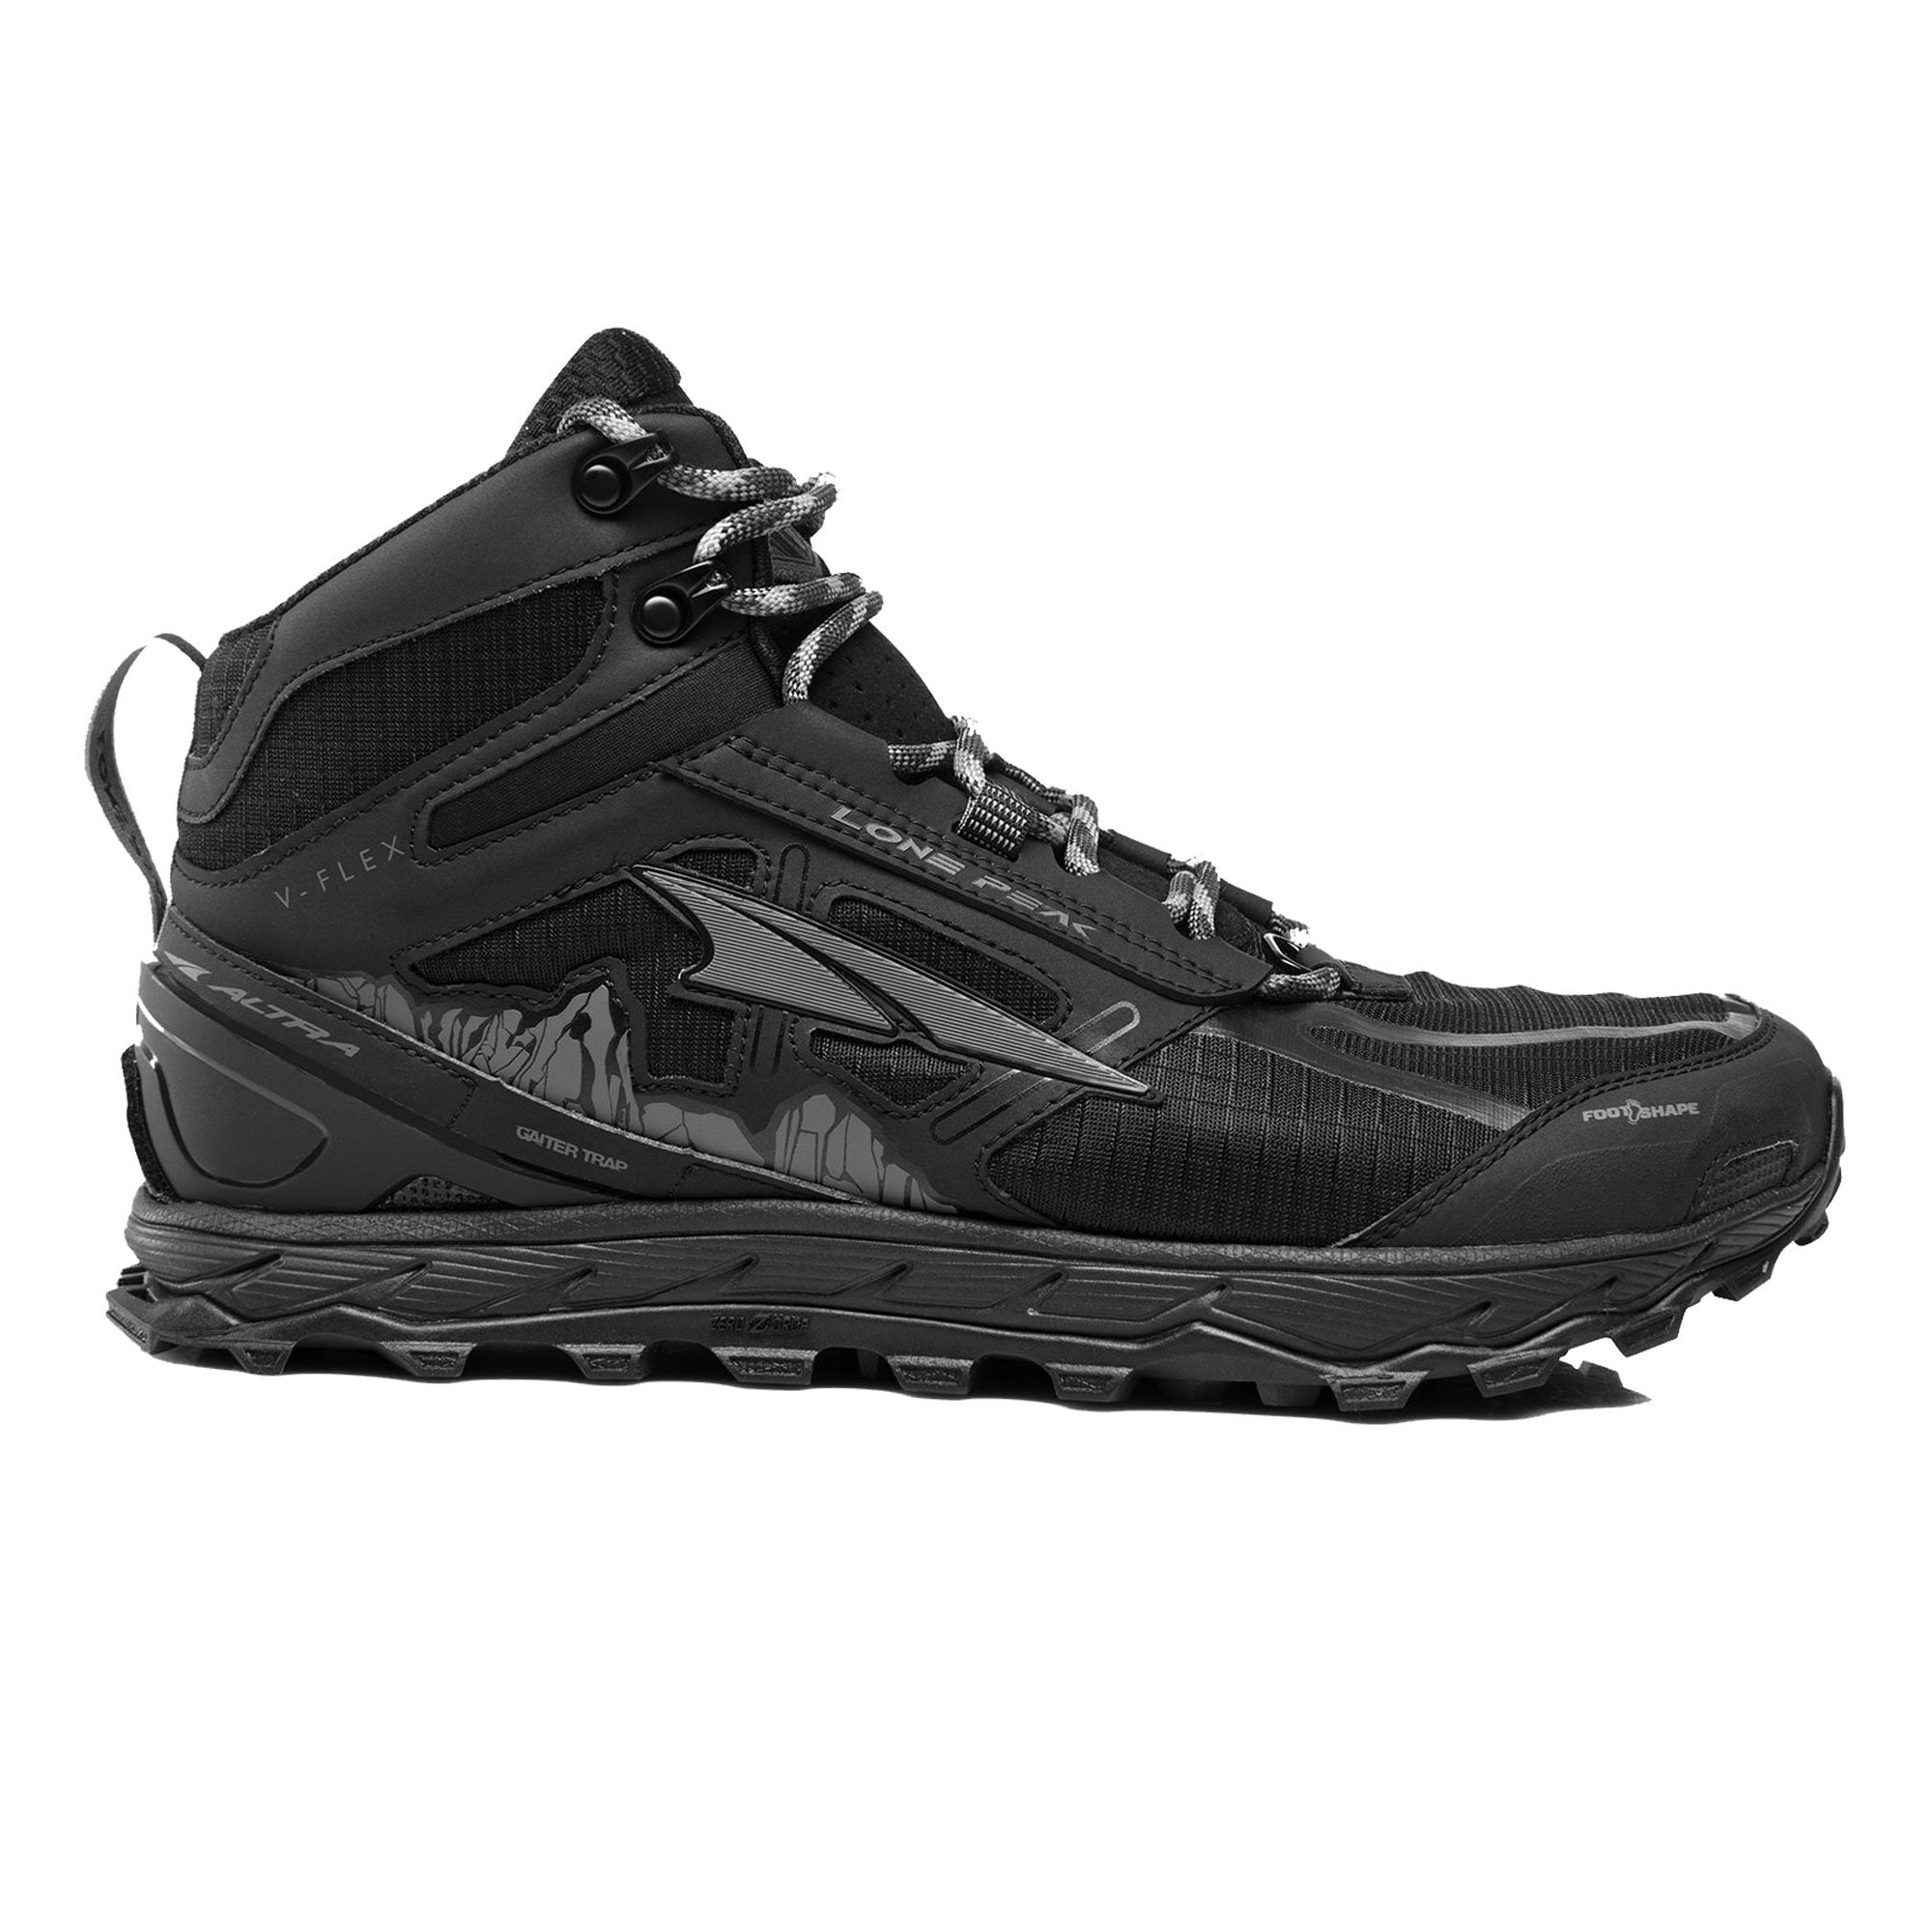 Lone Peak 4 Mid (Boot) Waterproof Mens